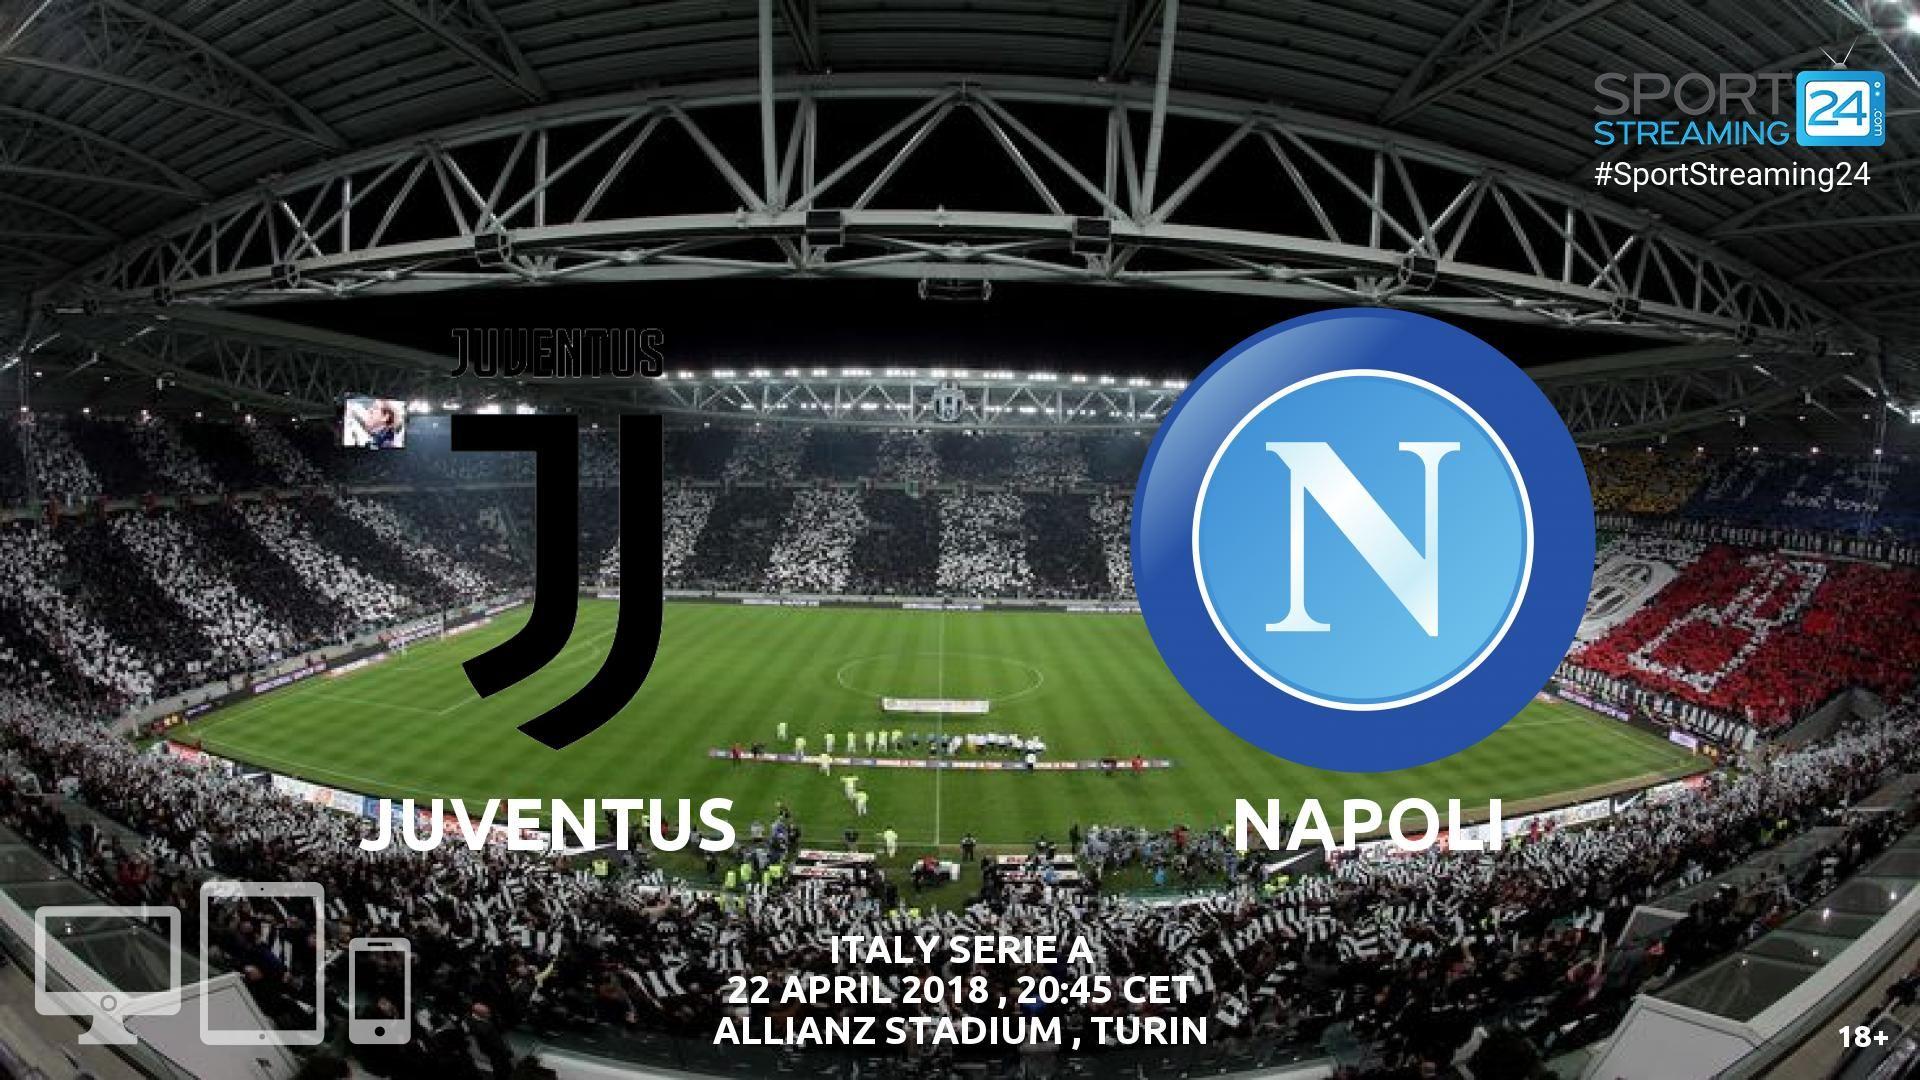 Juventus v Napoli Live Streaming Football Juventus